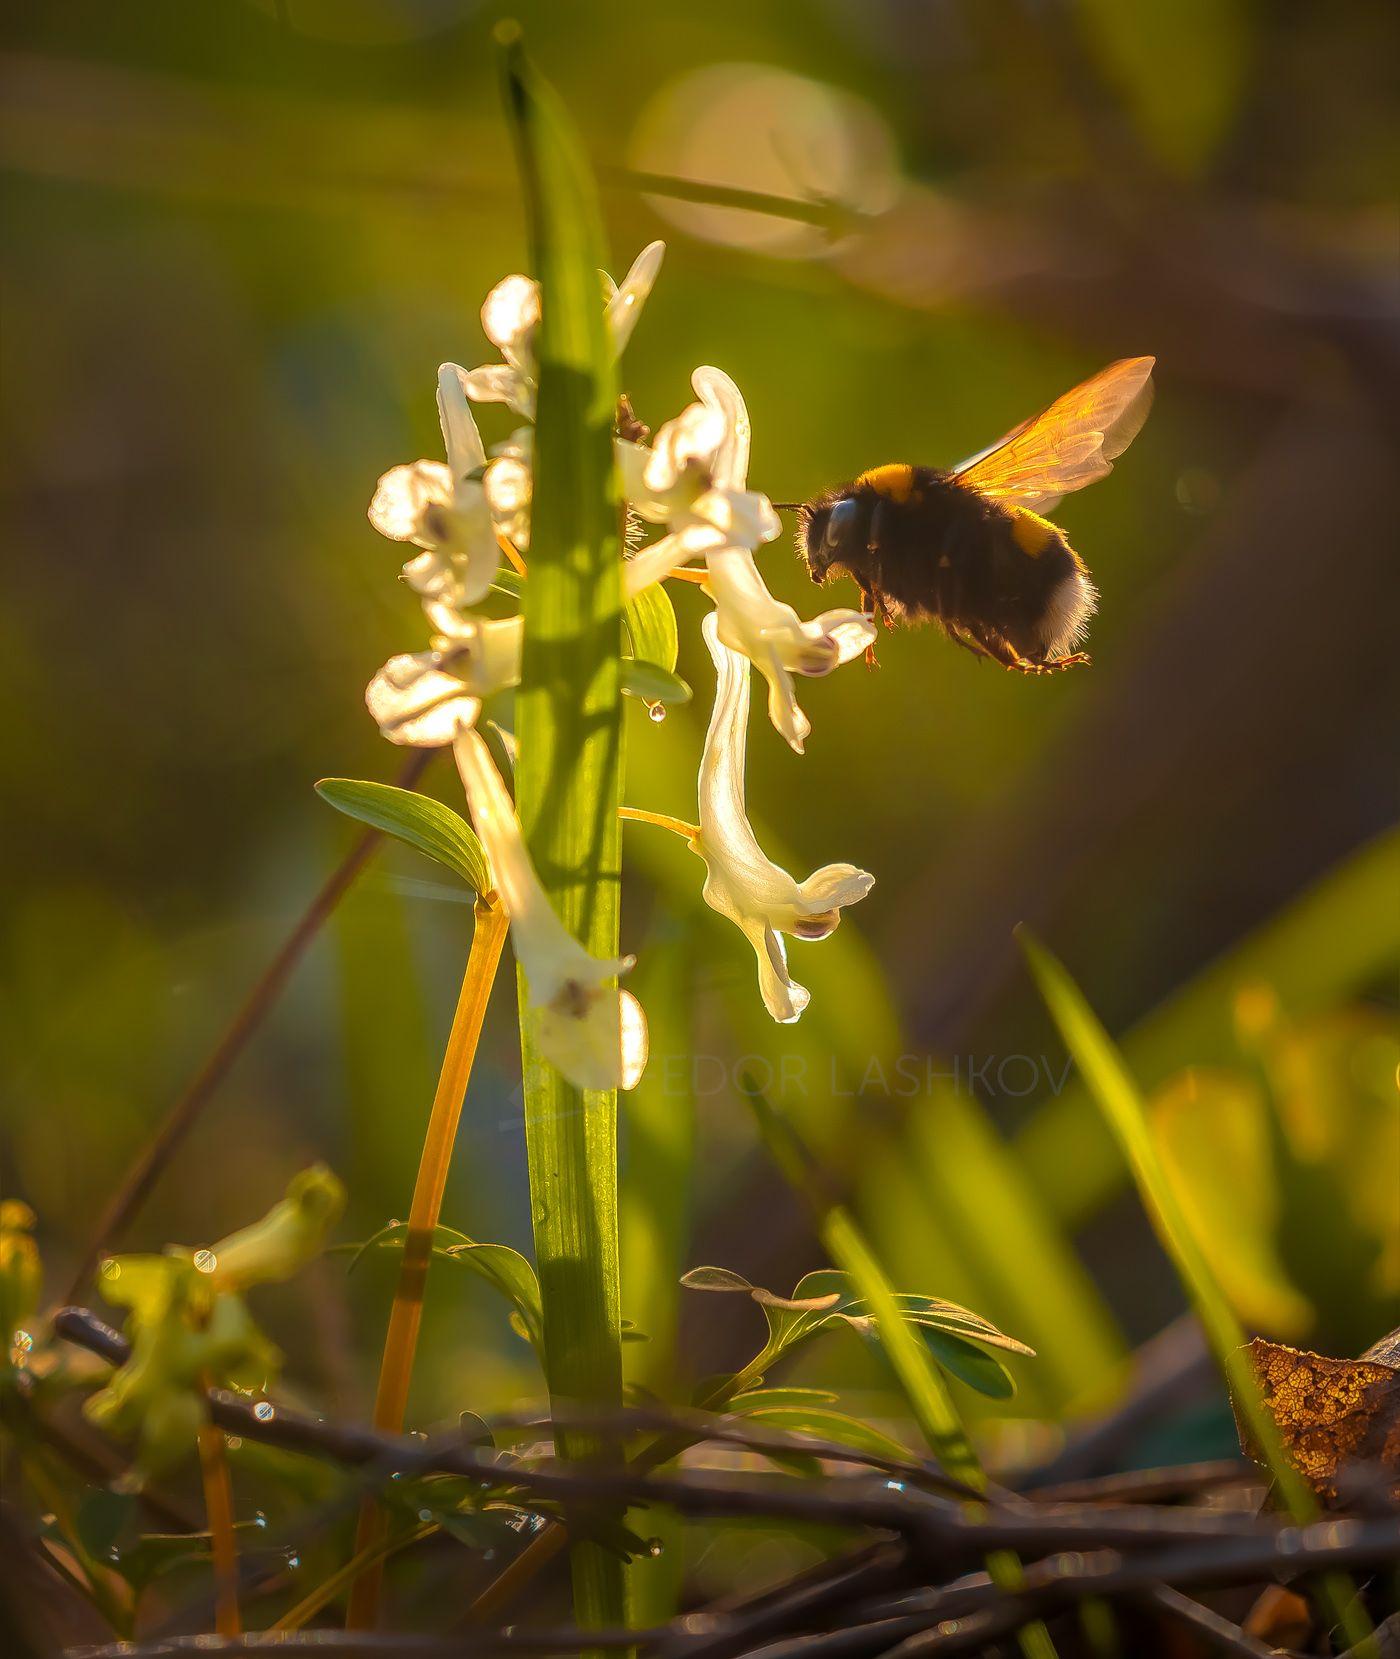 Шмель Ставропольский край цветы природа флора хохлатка цветок первоцветы в лесу весна насекомые шмель рассвет